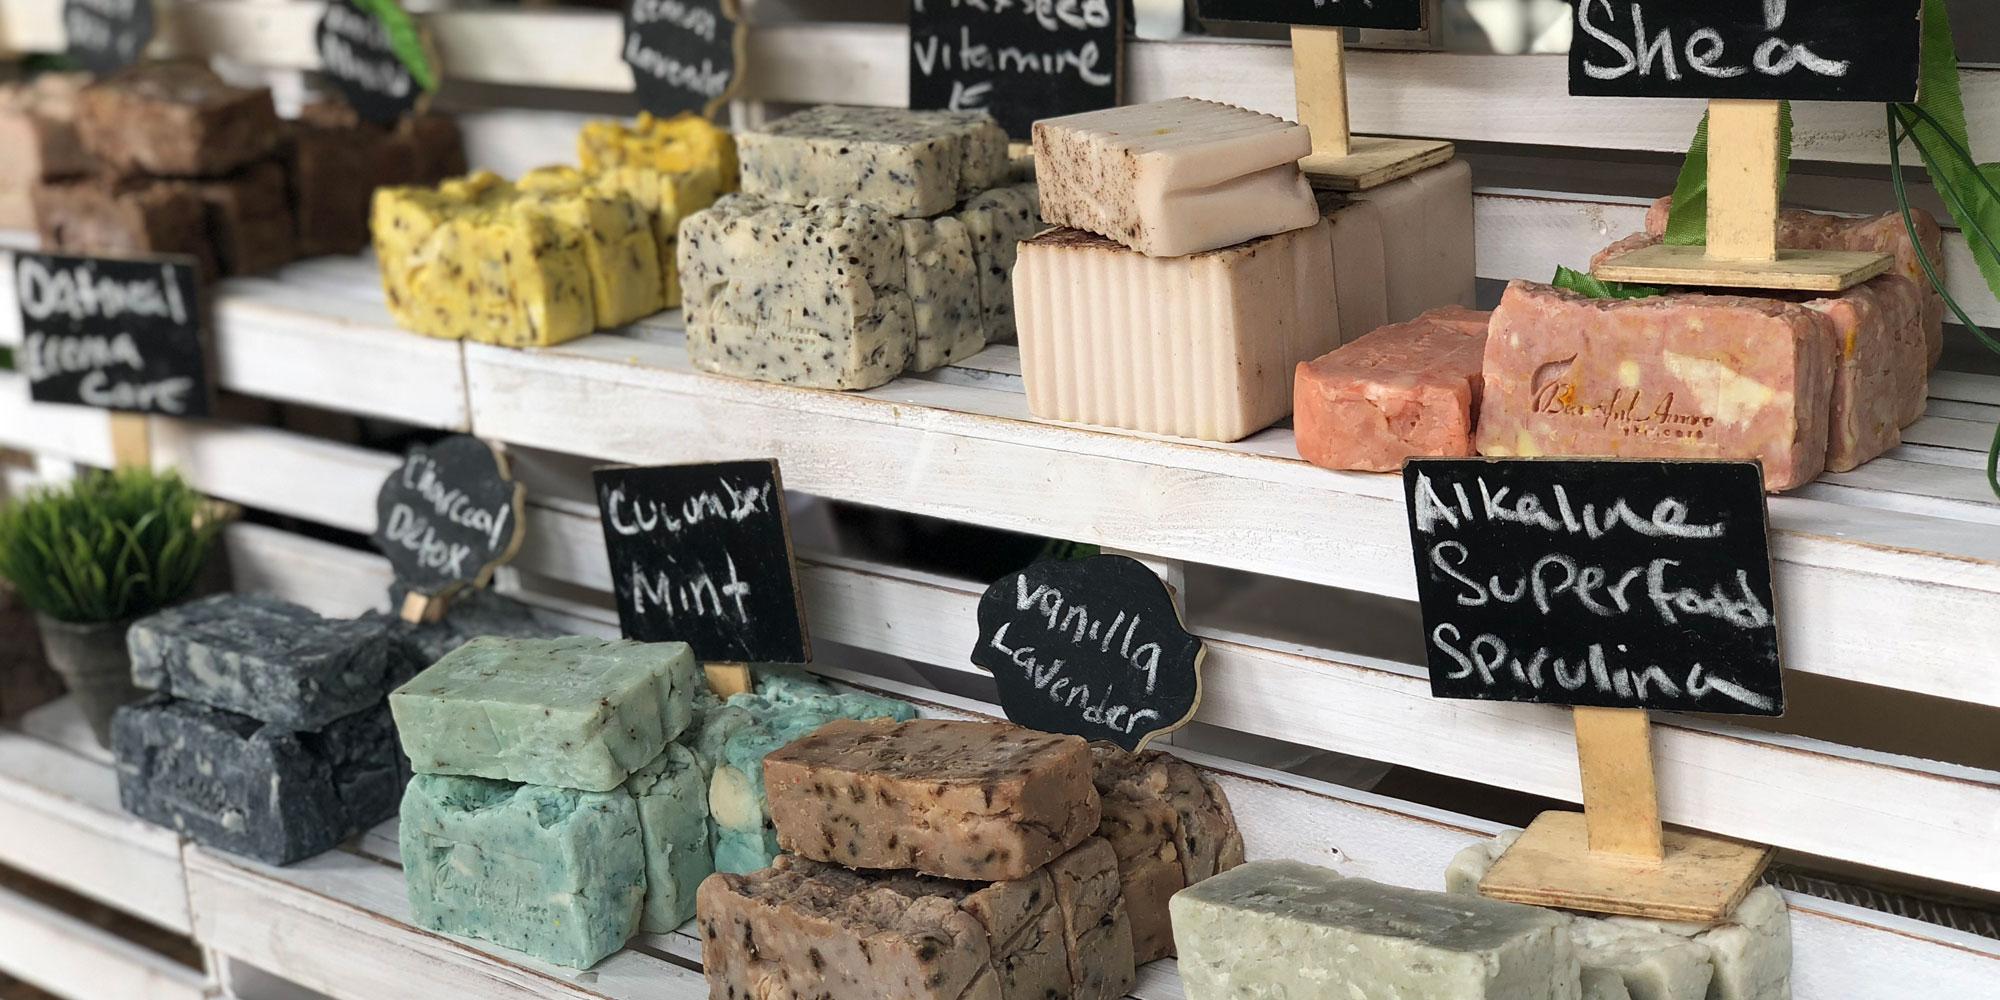 Marketplace Mogul Unique Range of Product Advice